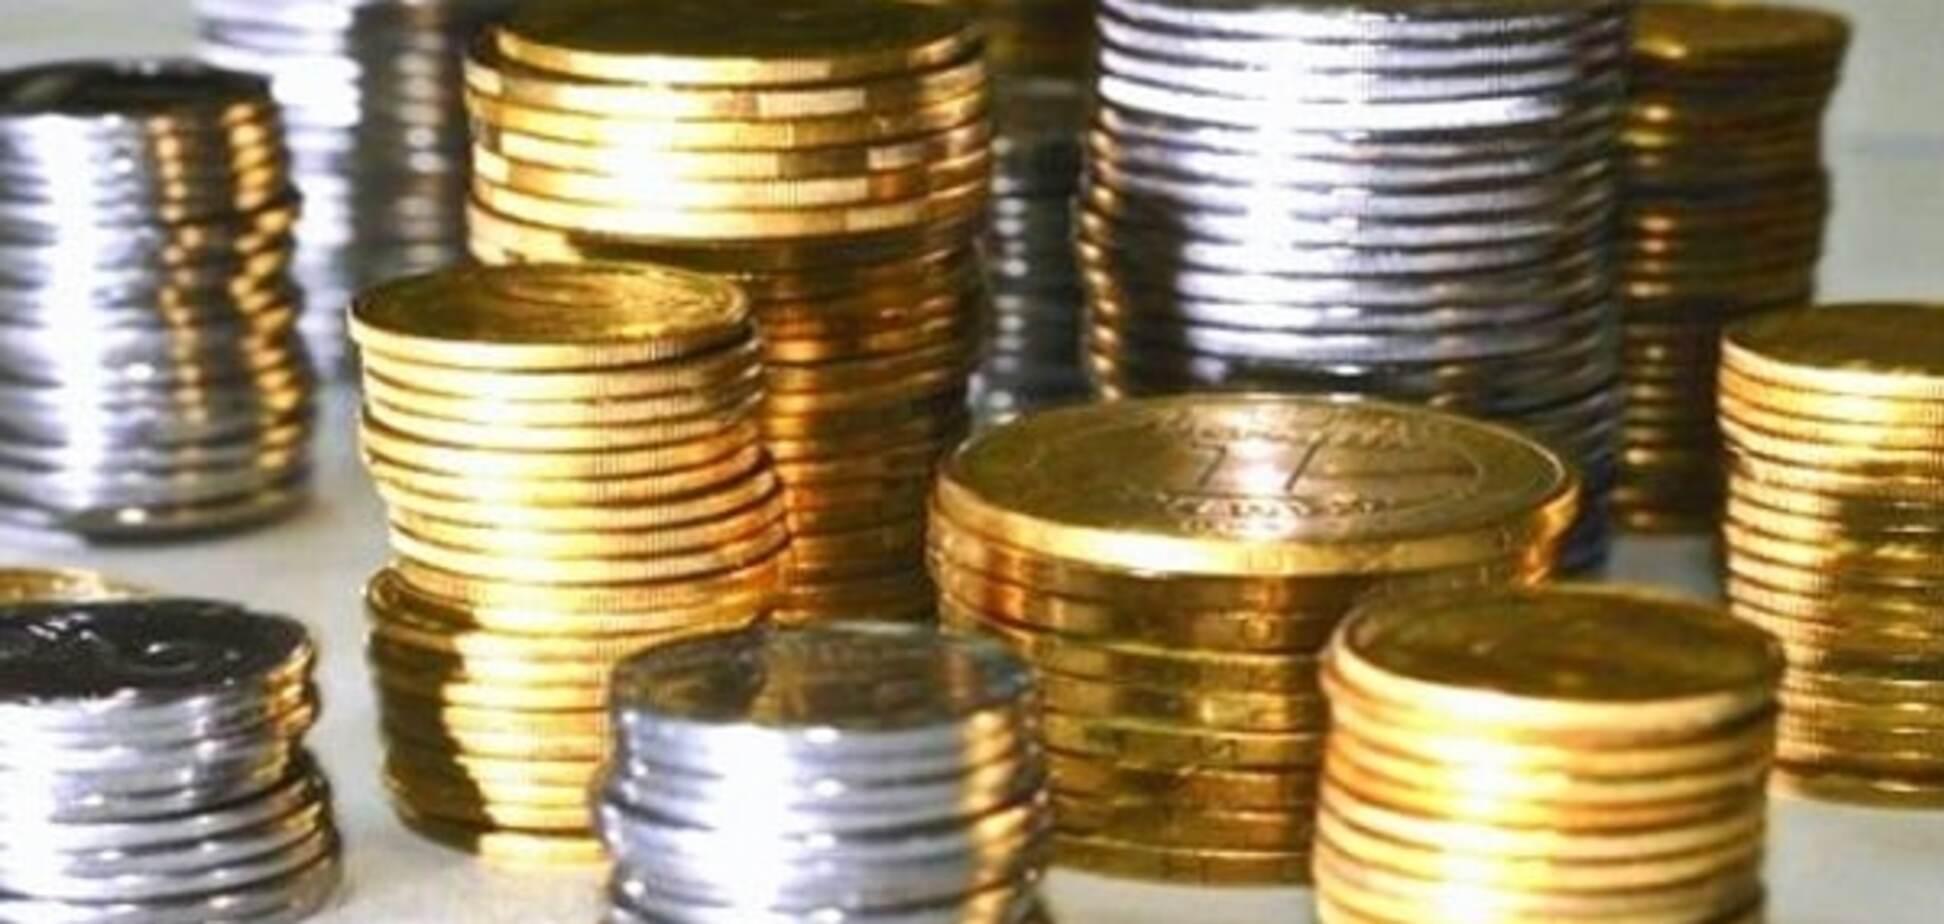 Большой обман: эксперт объяснил, как у НБУ получился баланс с профицитом